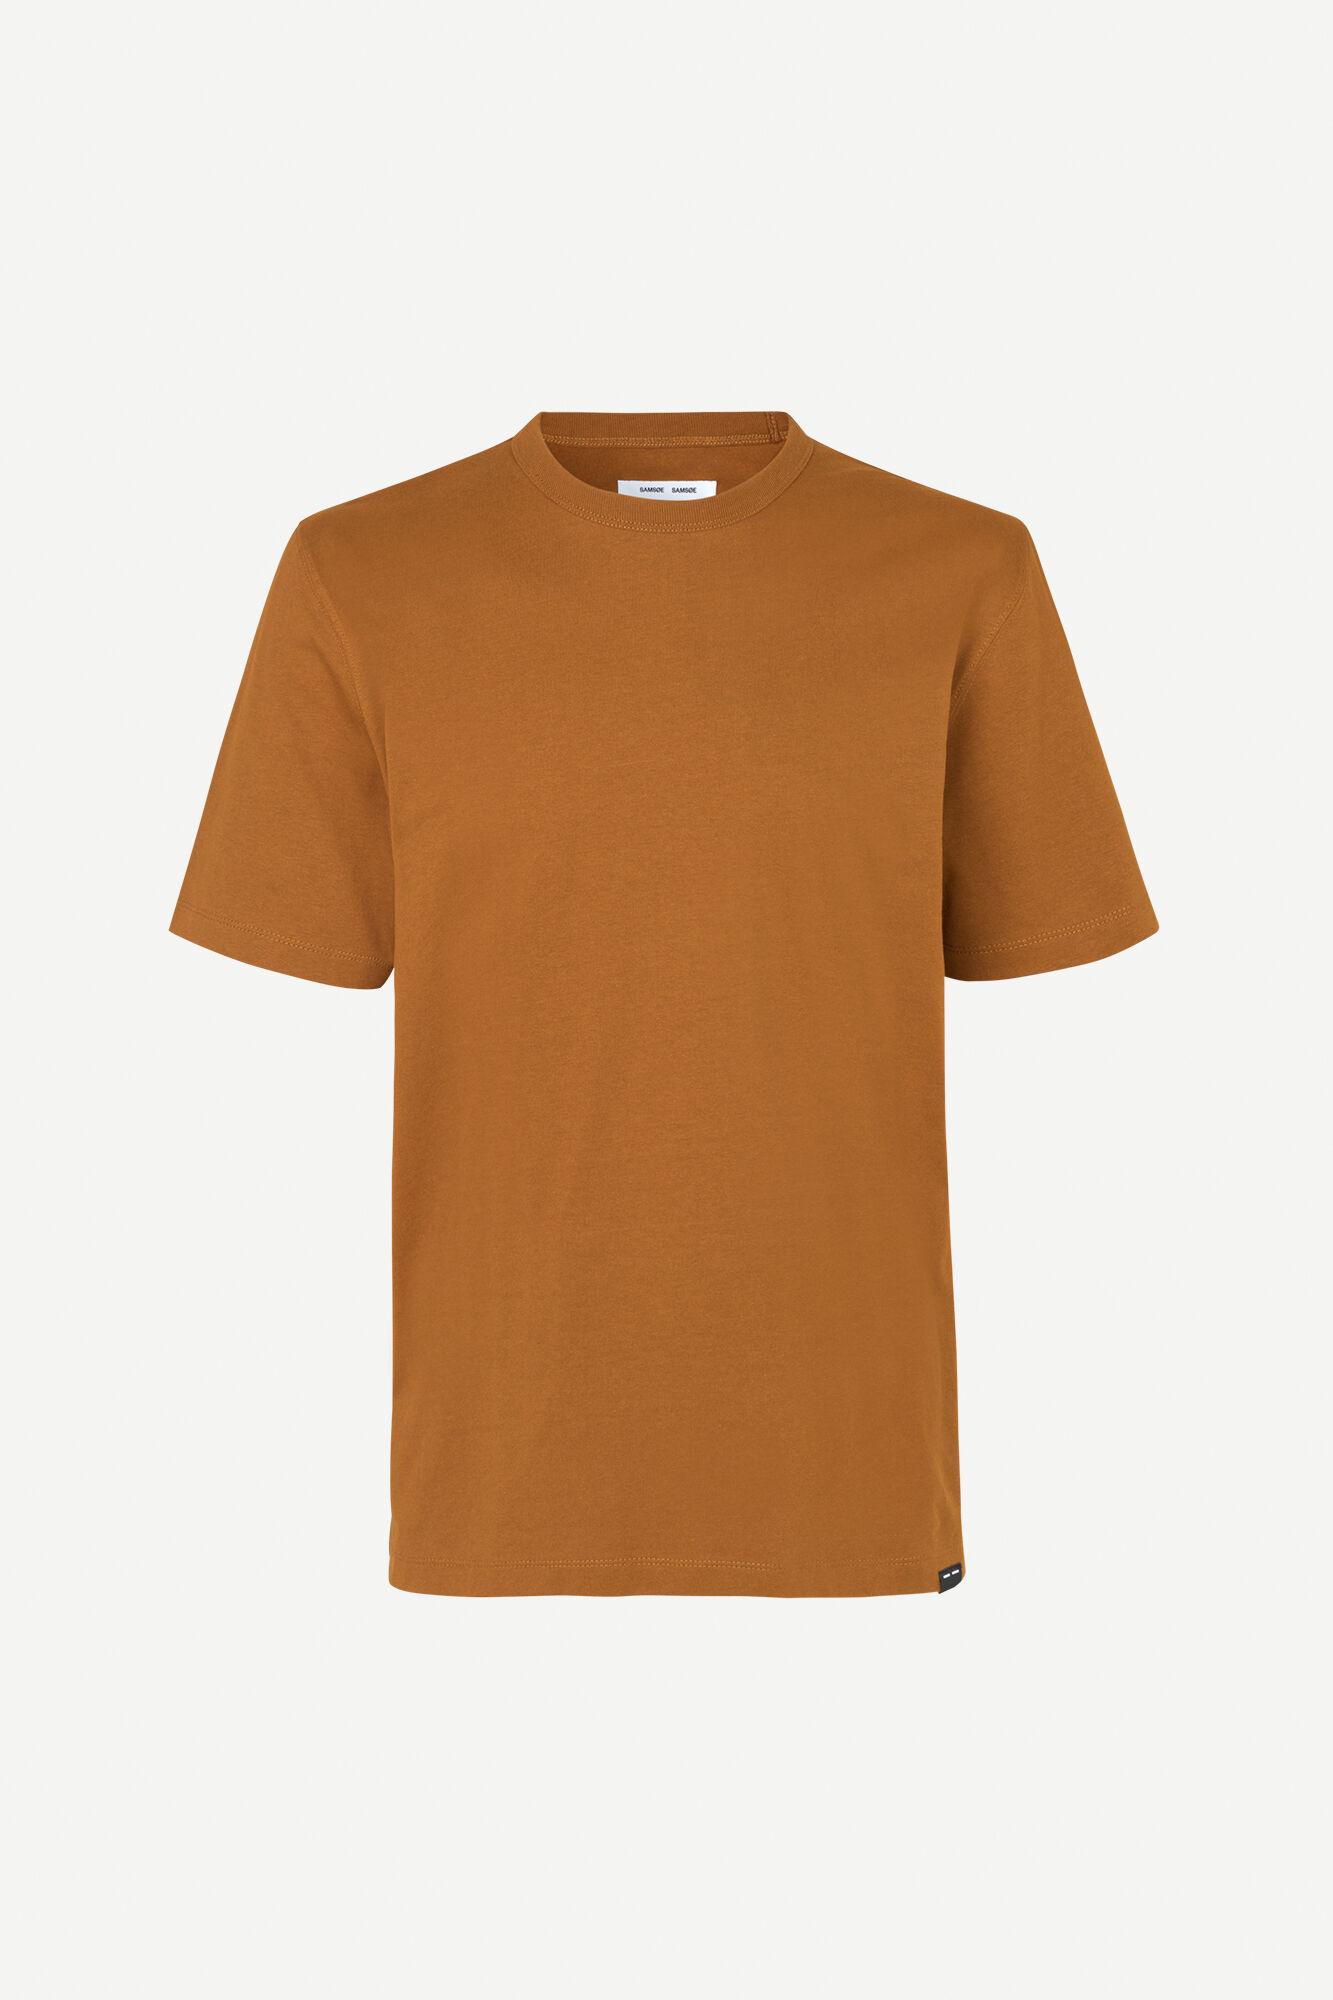 Hugo T-Shirt Monks Robe Brown 11415-1